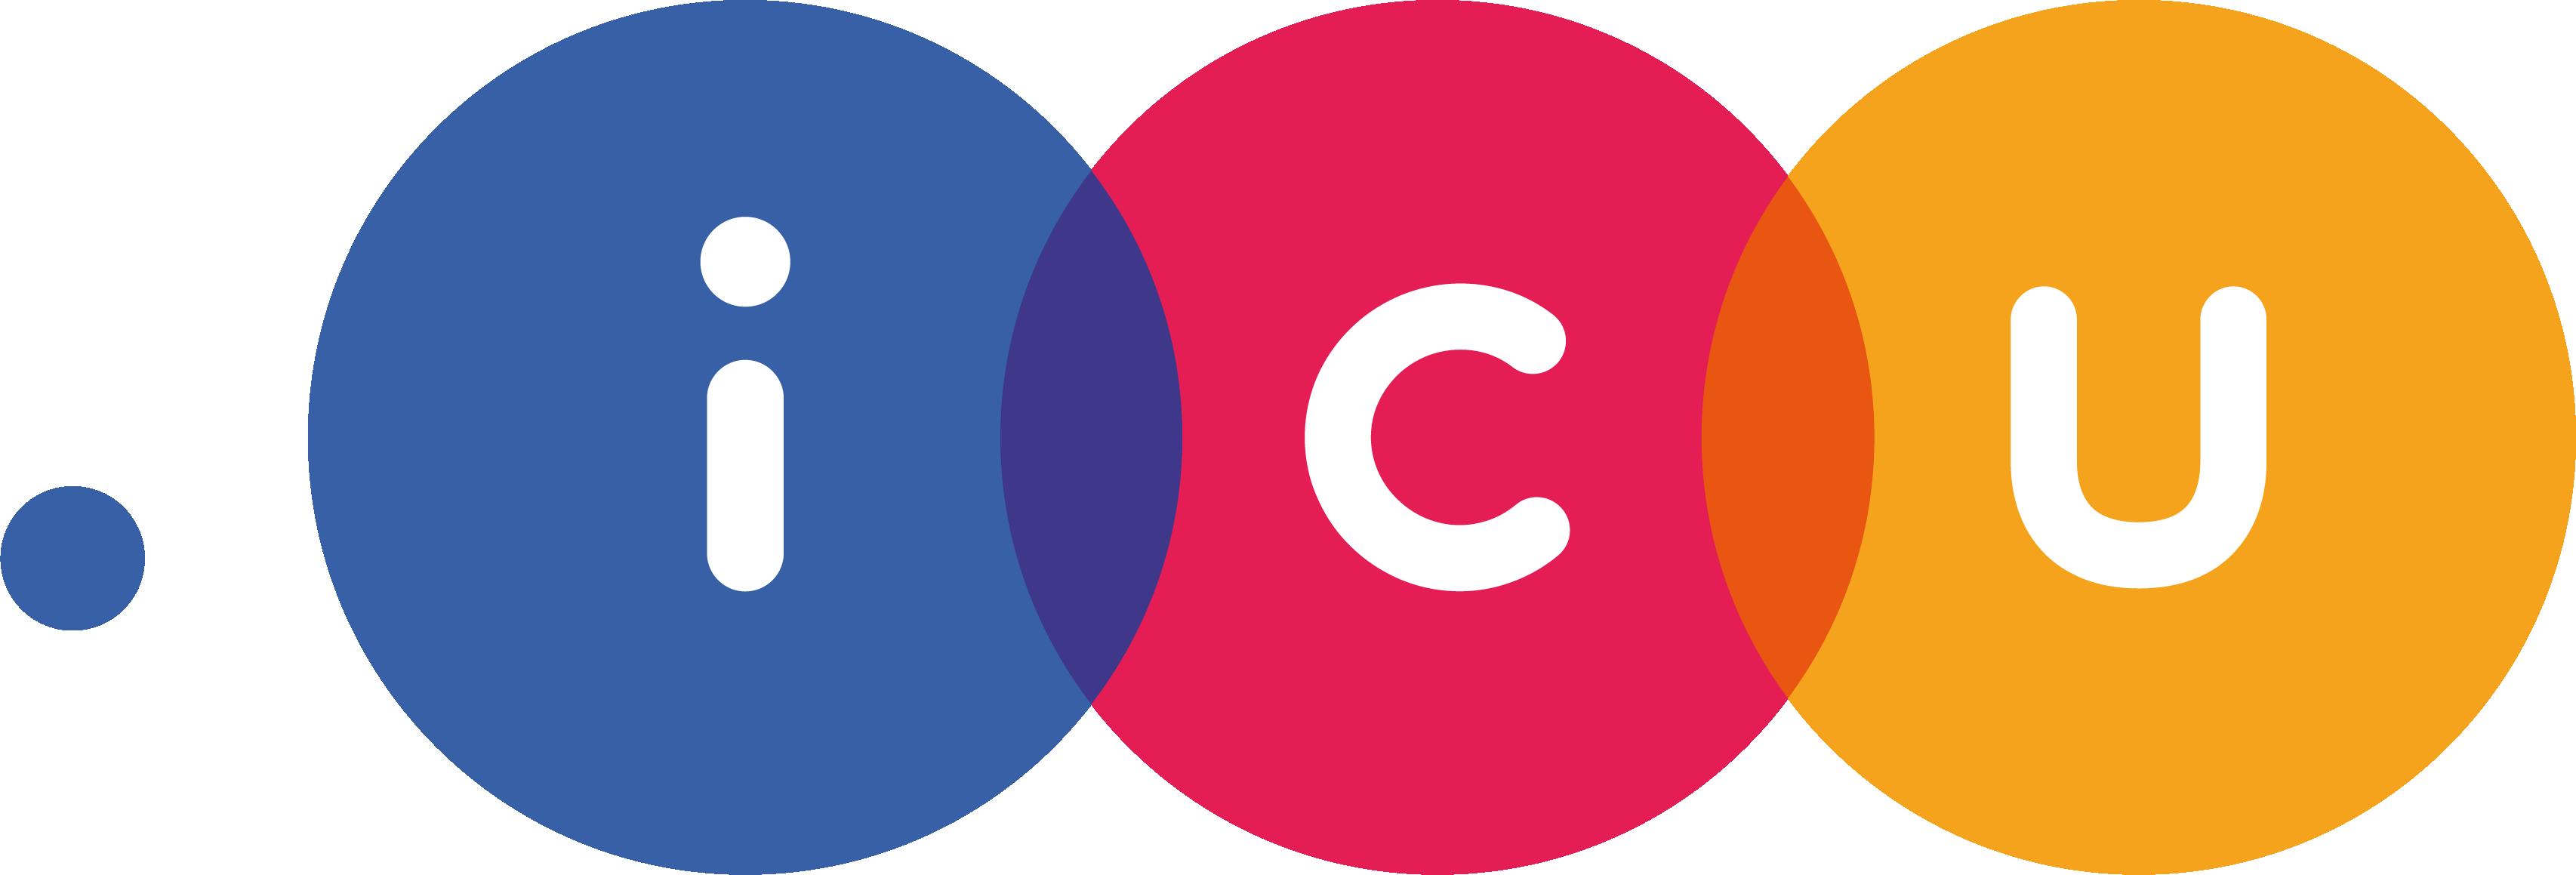 icu  domain name